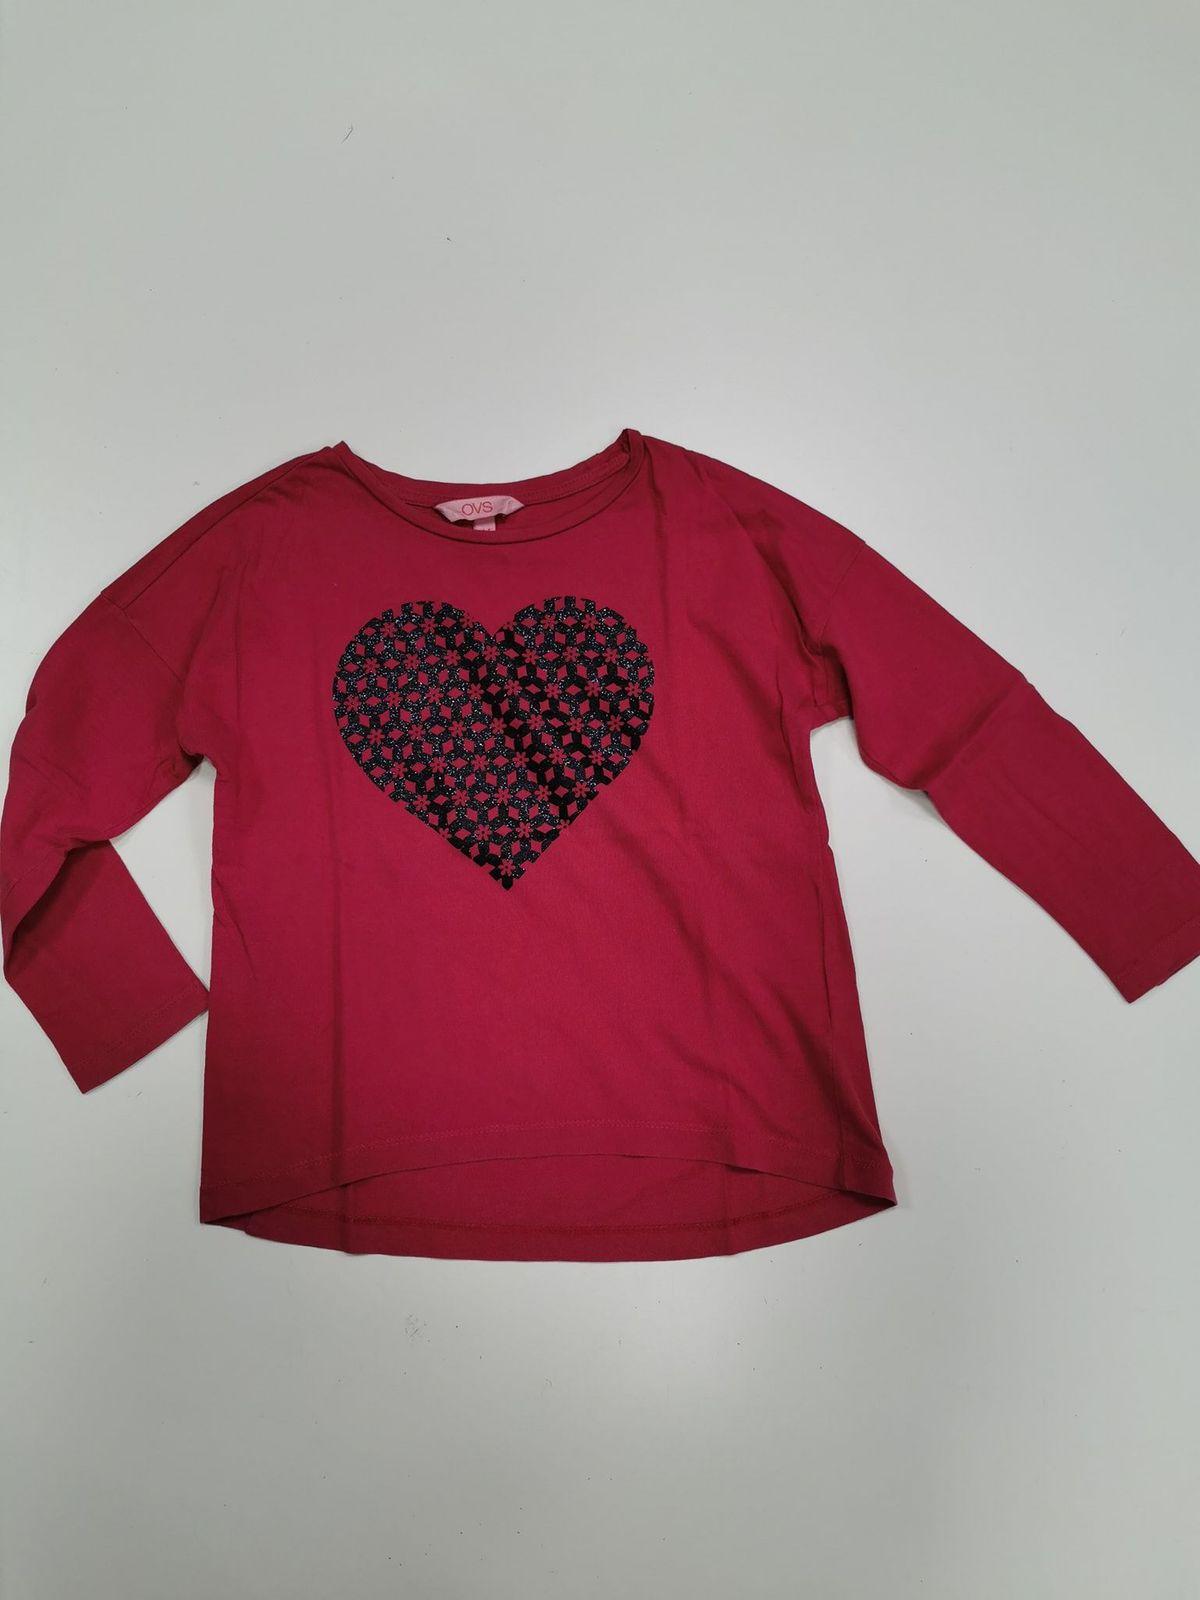 Ovs maglietta cotone 4/5 anni 12146 Euro 4,80